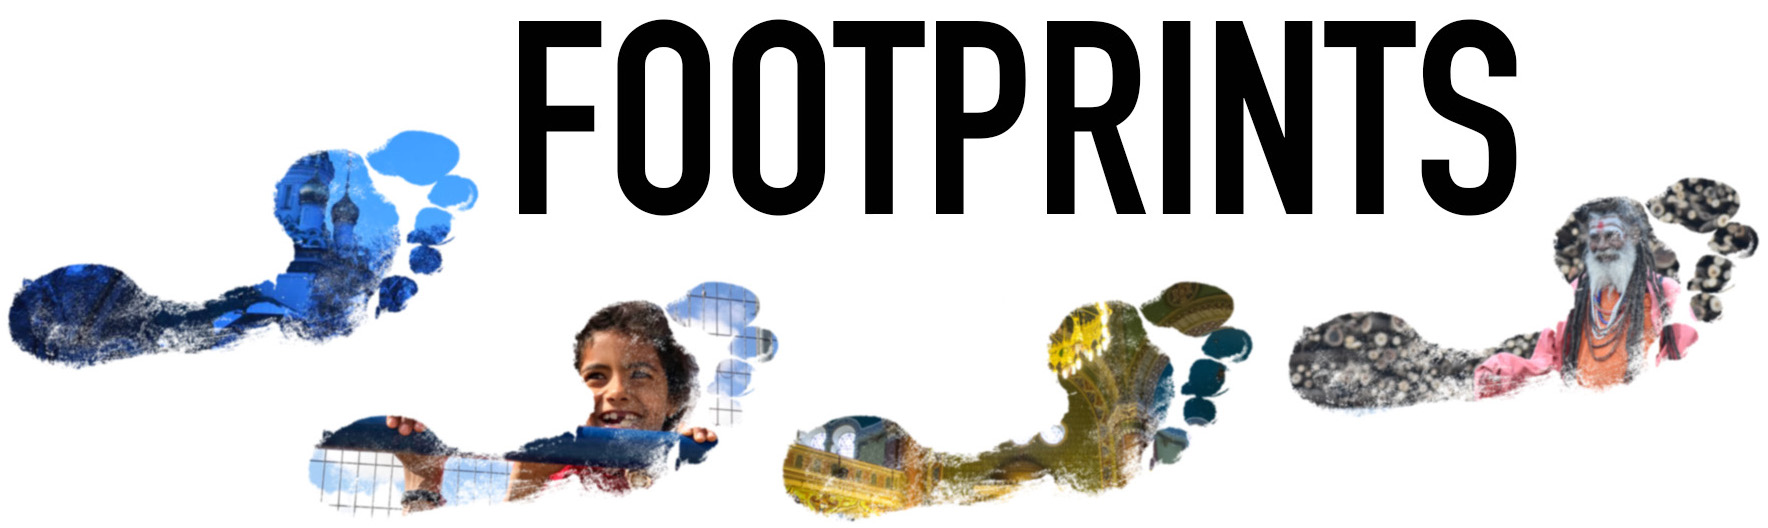 footprints v5.jpg